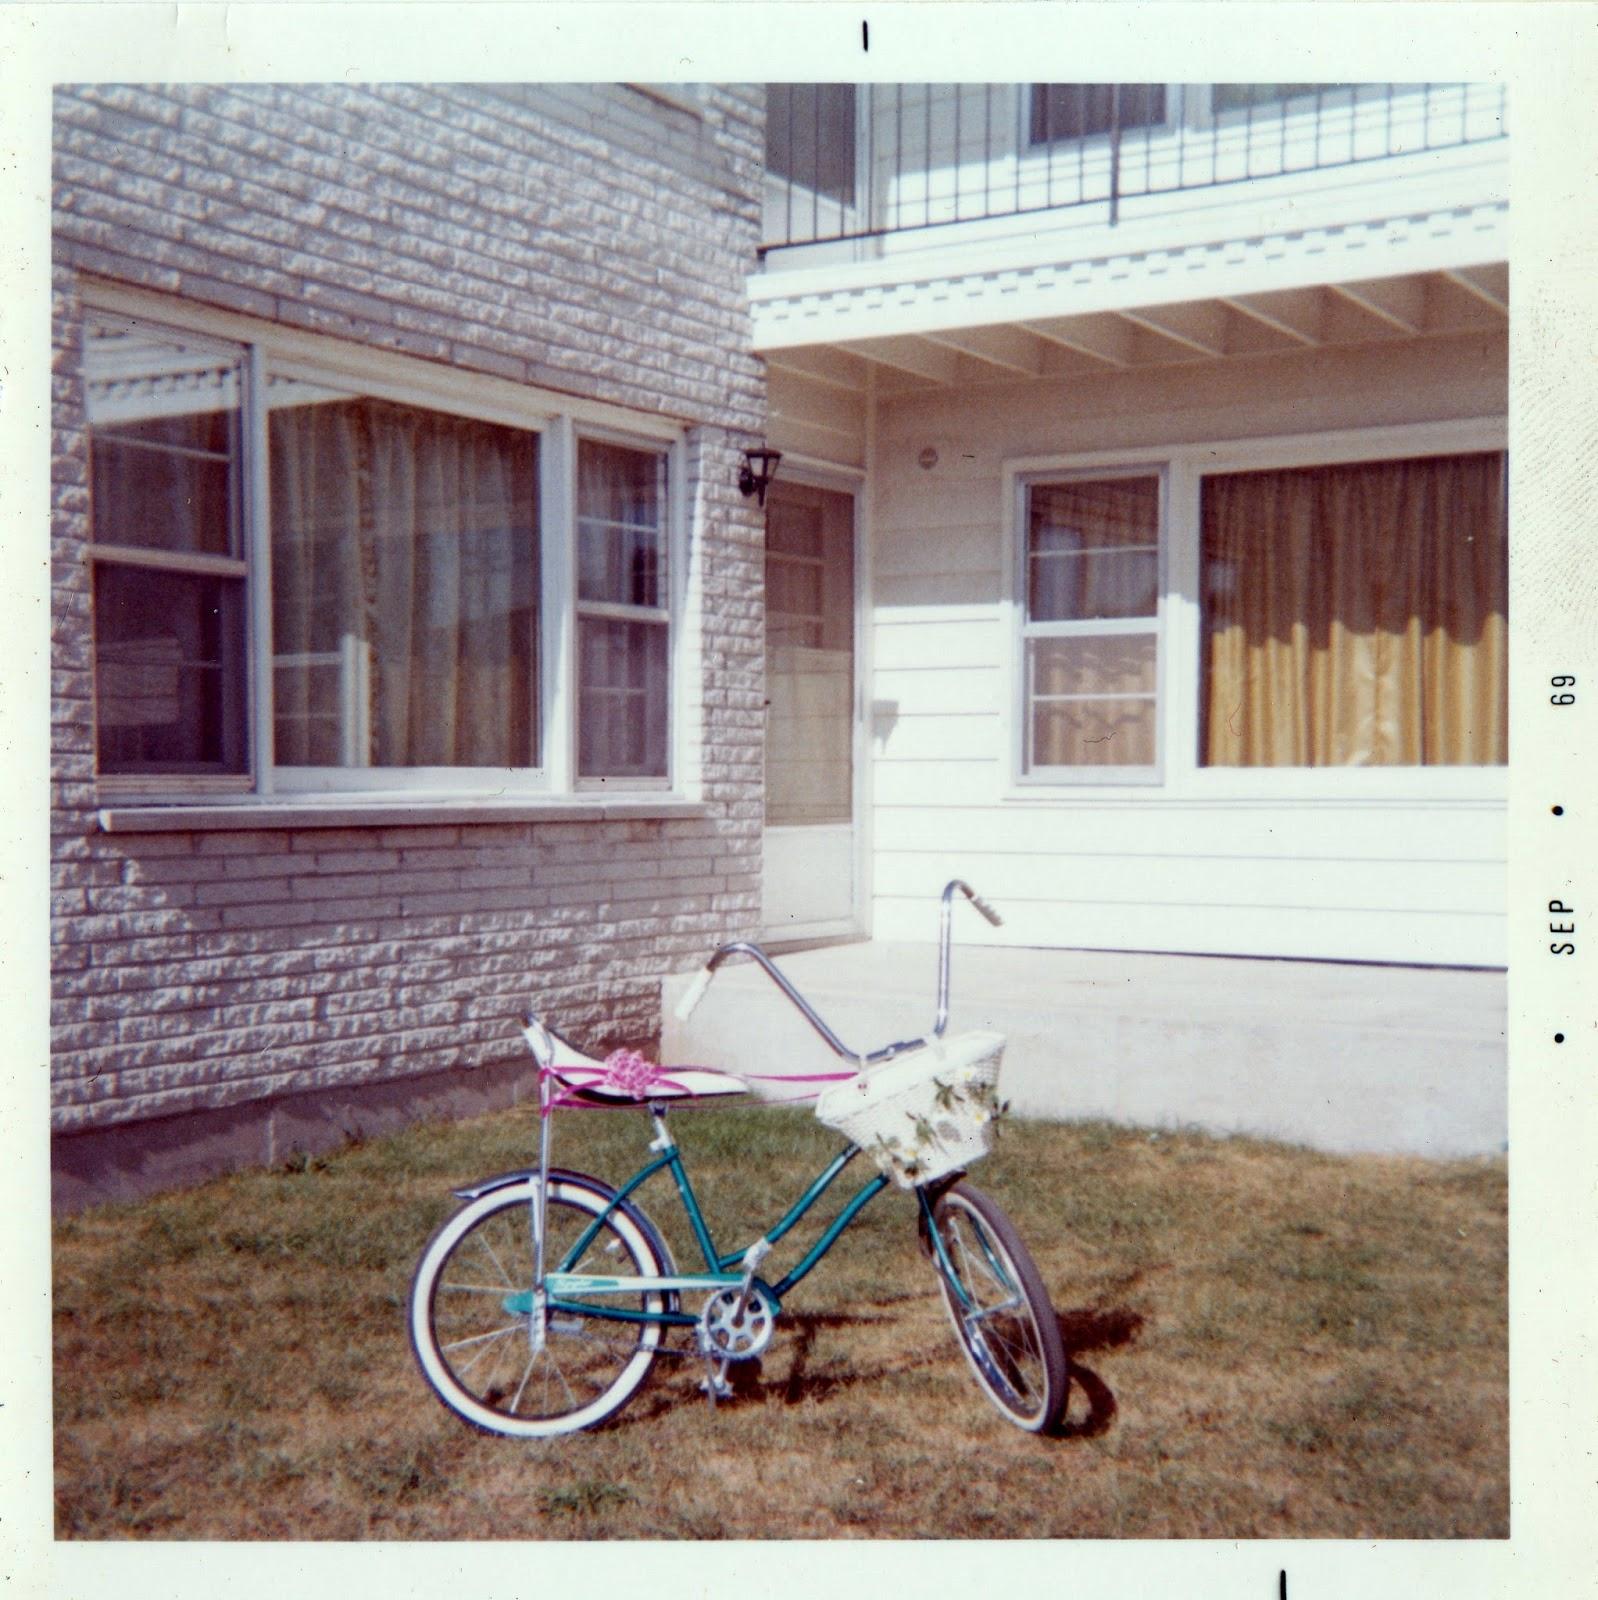 59aa9993133 1975 Schwinn Continental Restoration Project: My Sister Lori's First ...